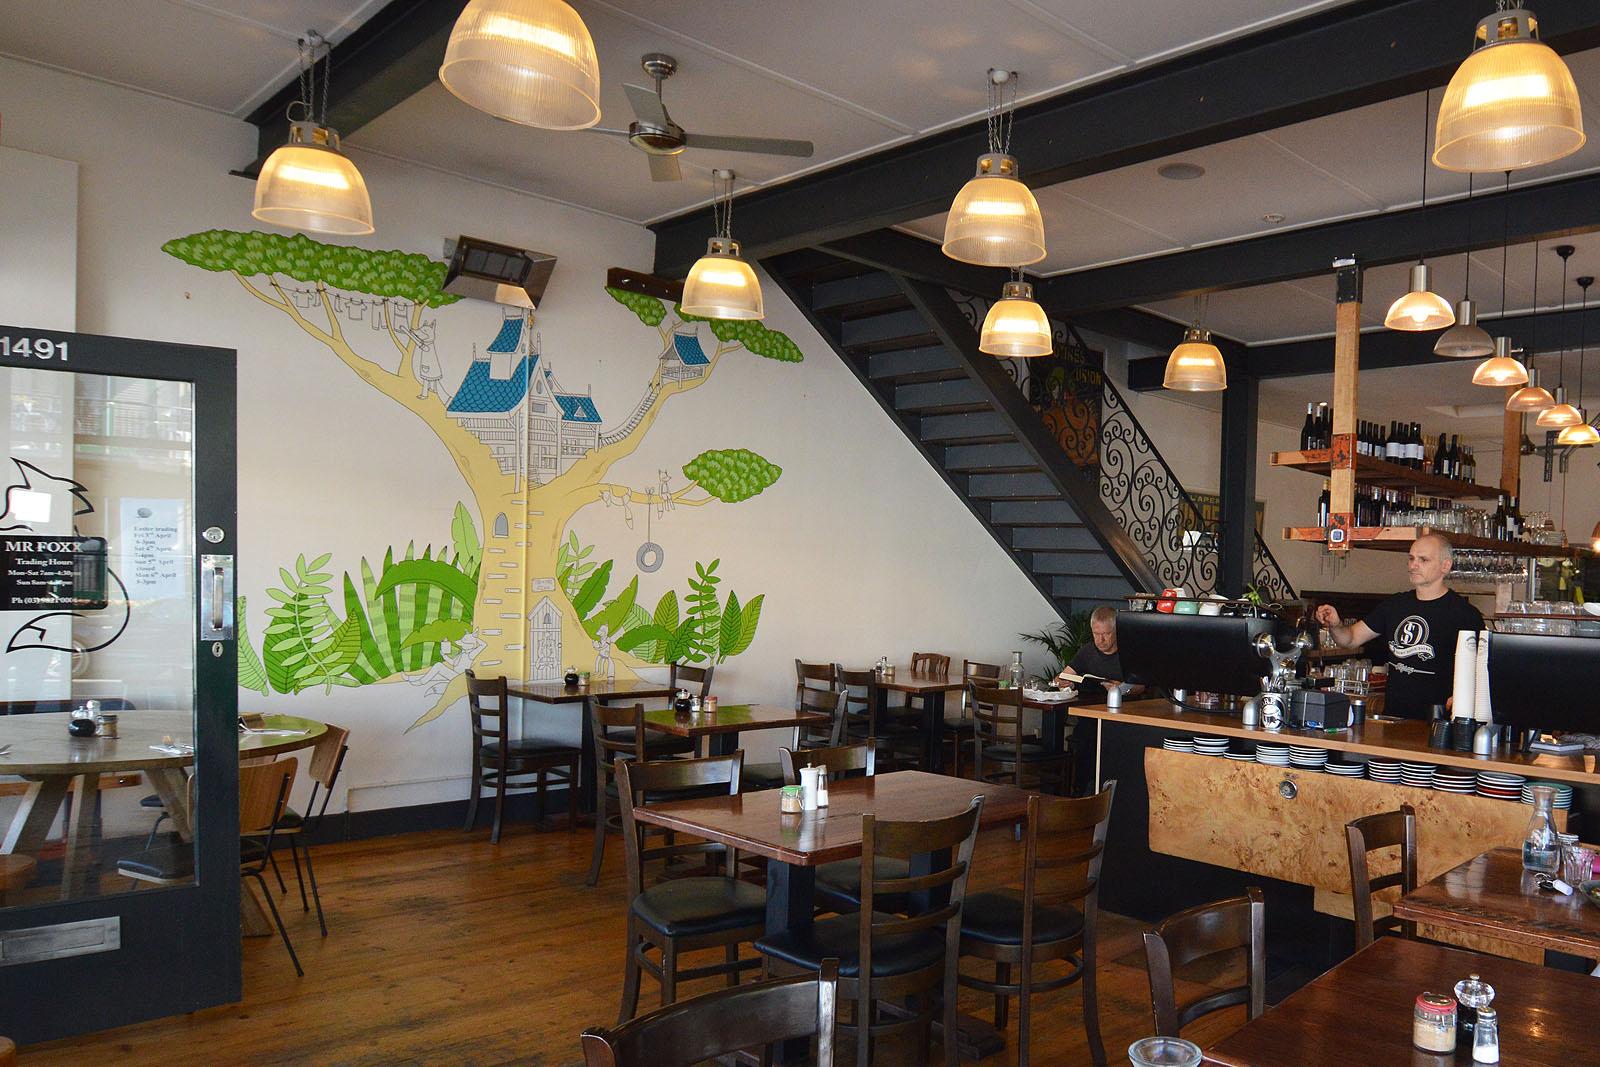 mr. foxx cafe wall mural, glen iris